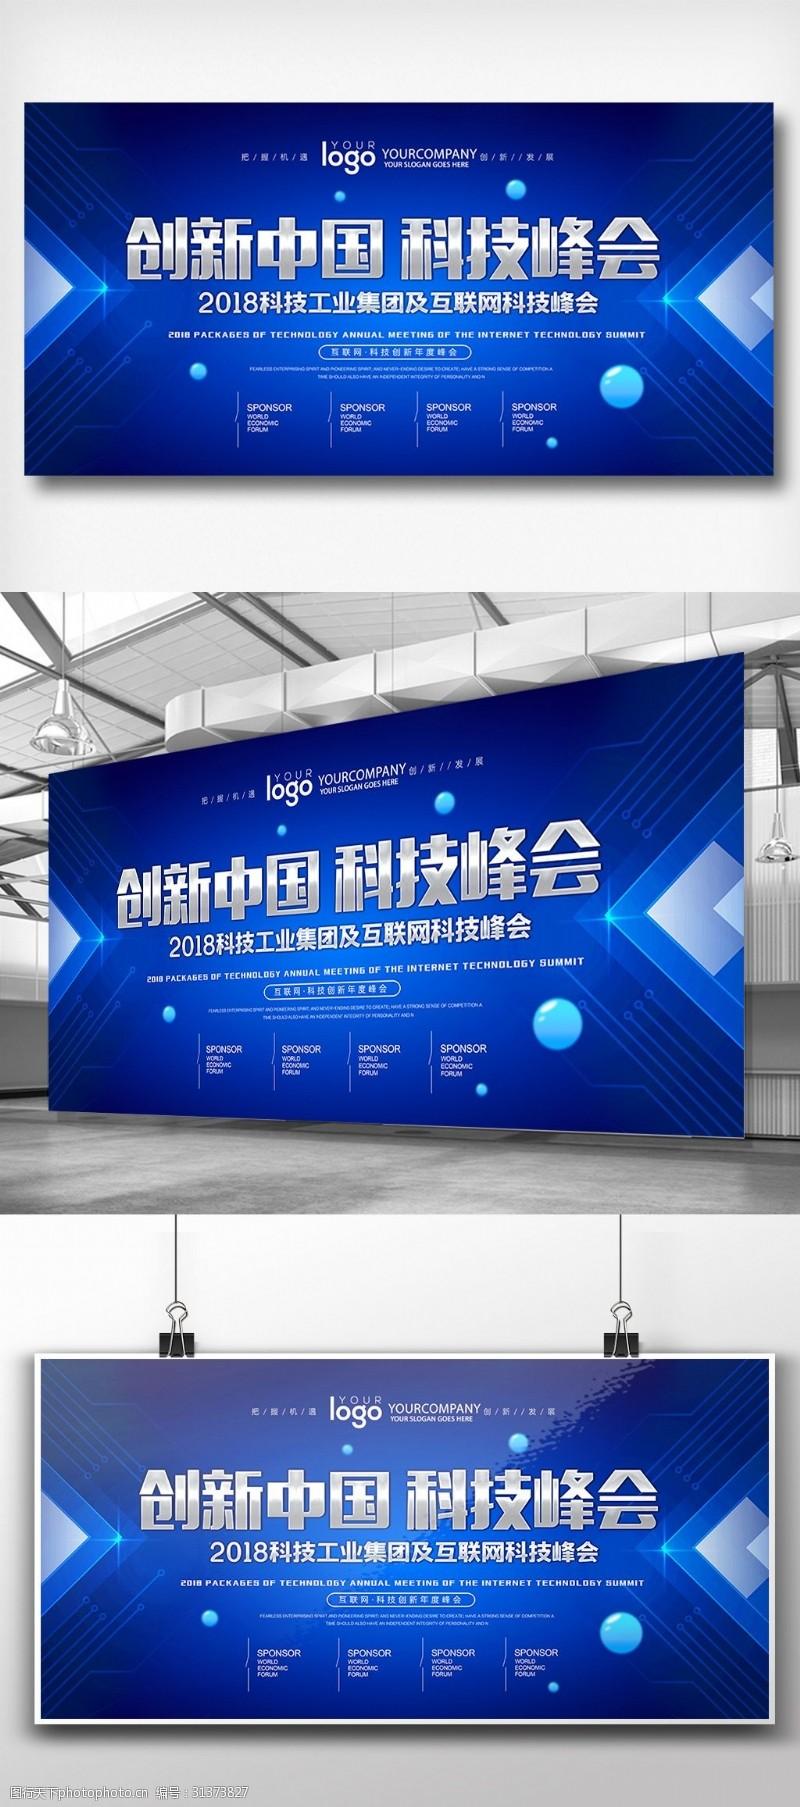 創新中國科技峰會論壇企業展板設計